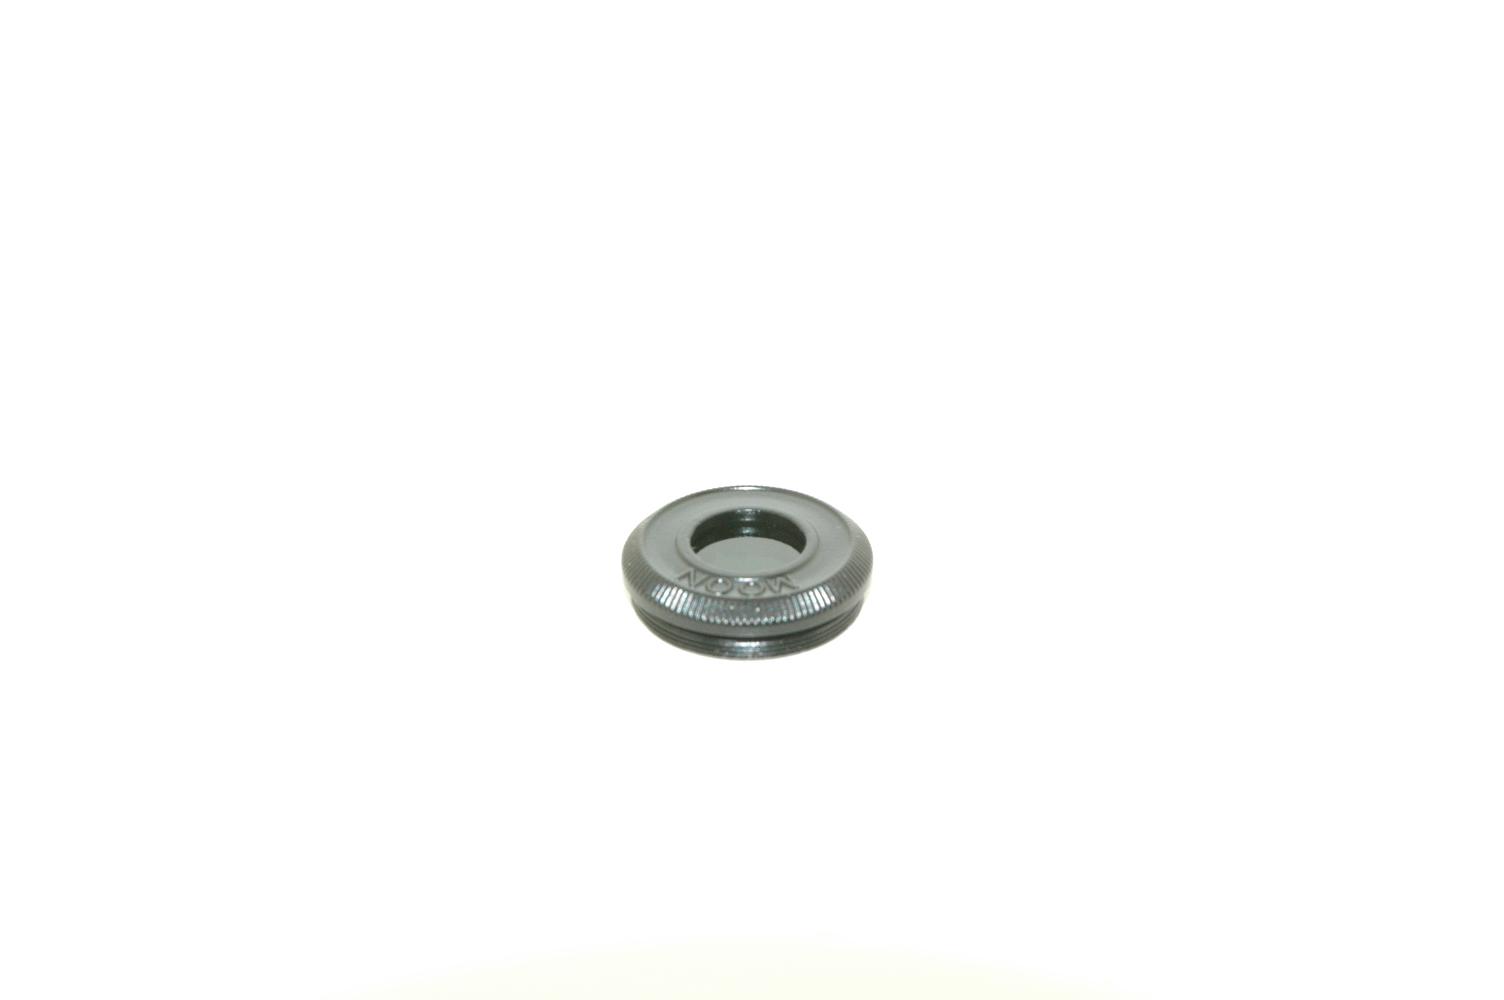 ムーンフィルタ24.5mmサイズ用